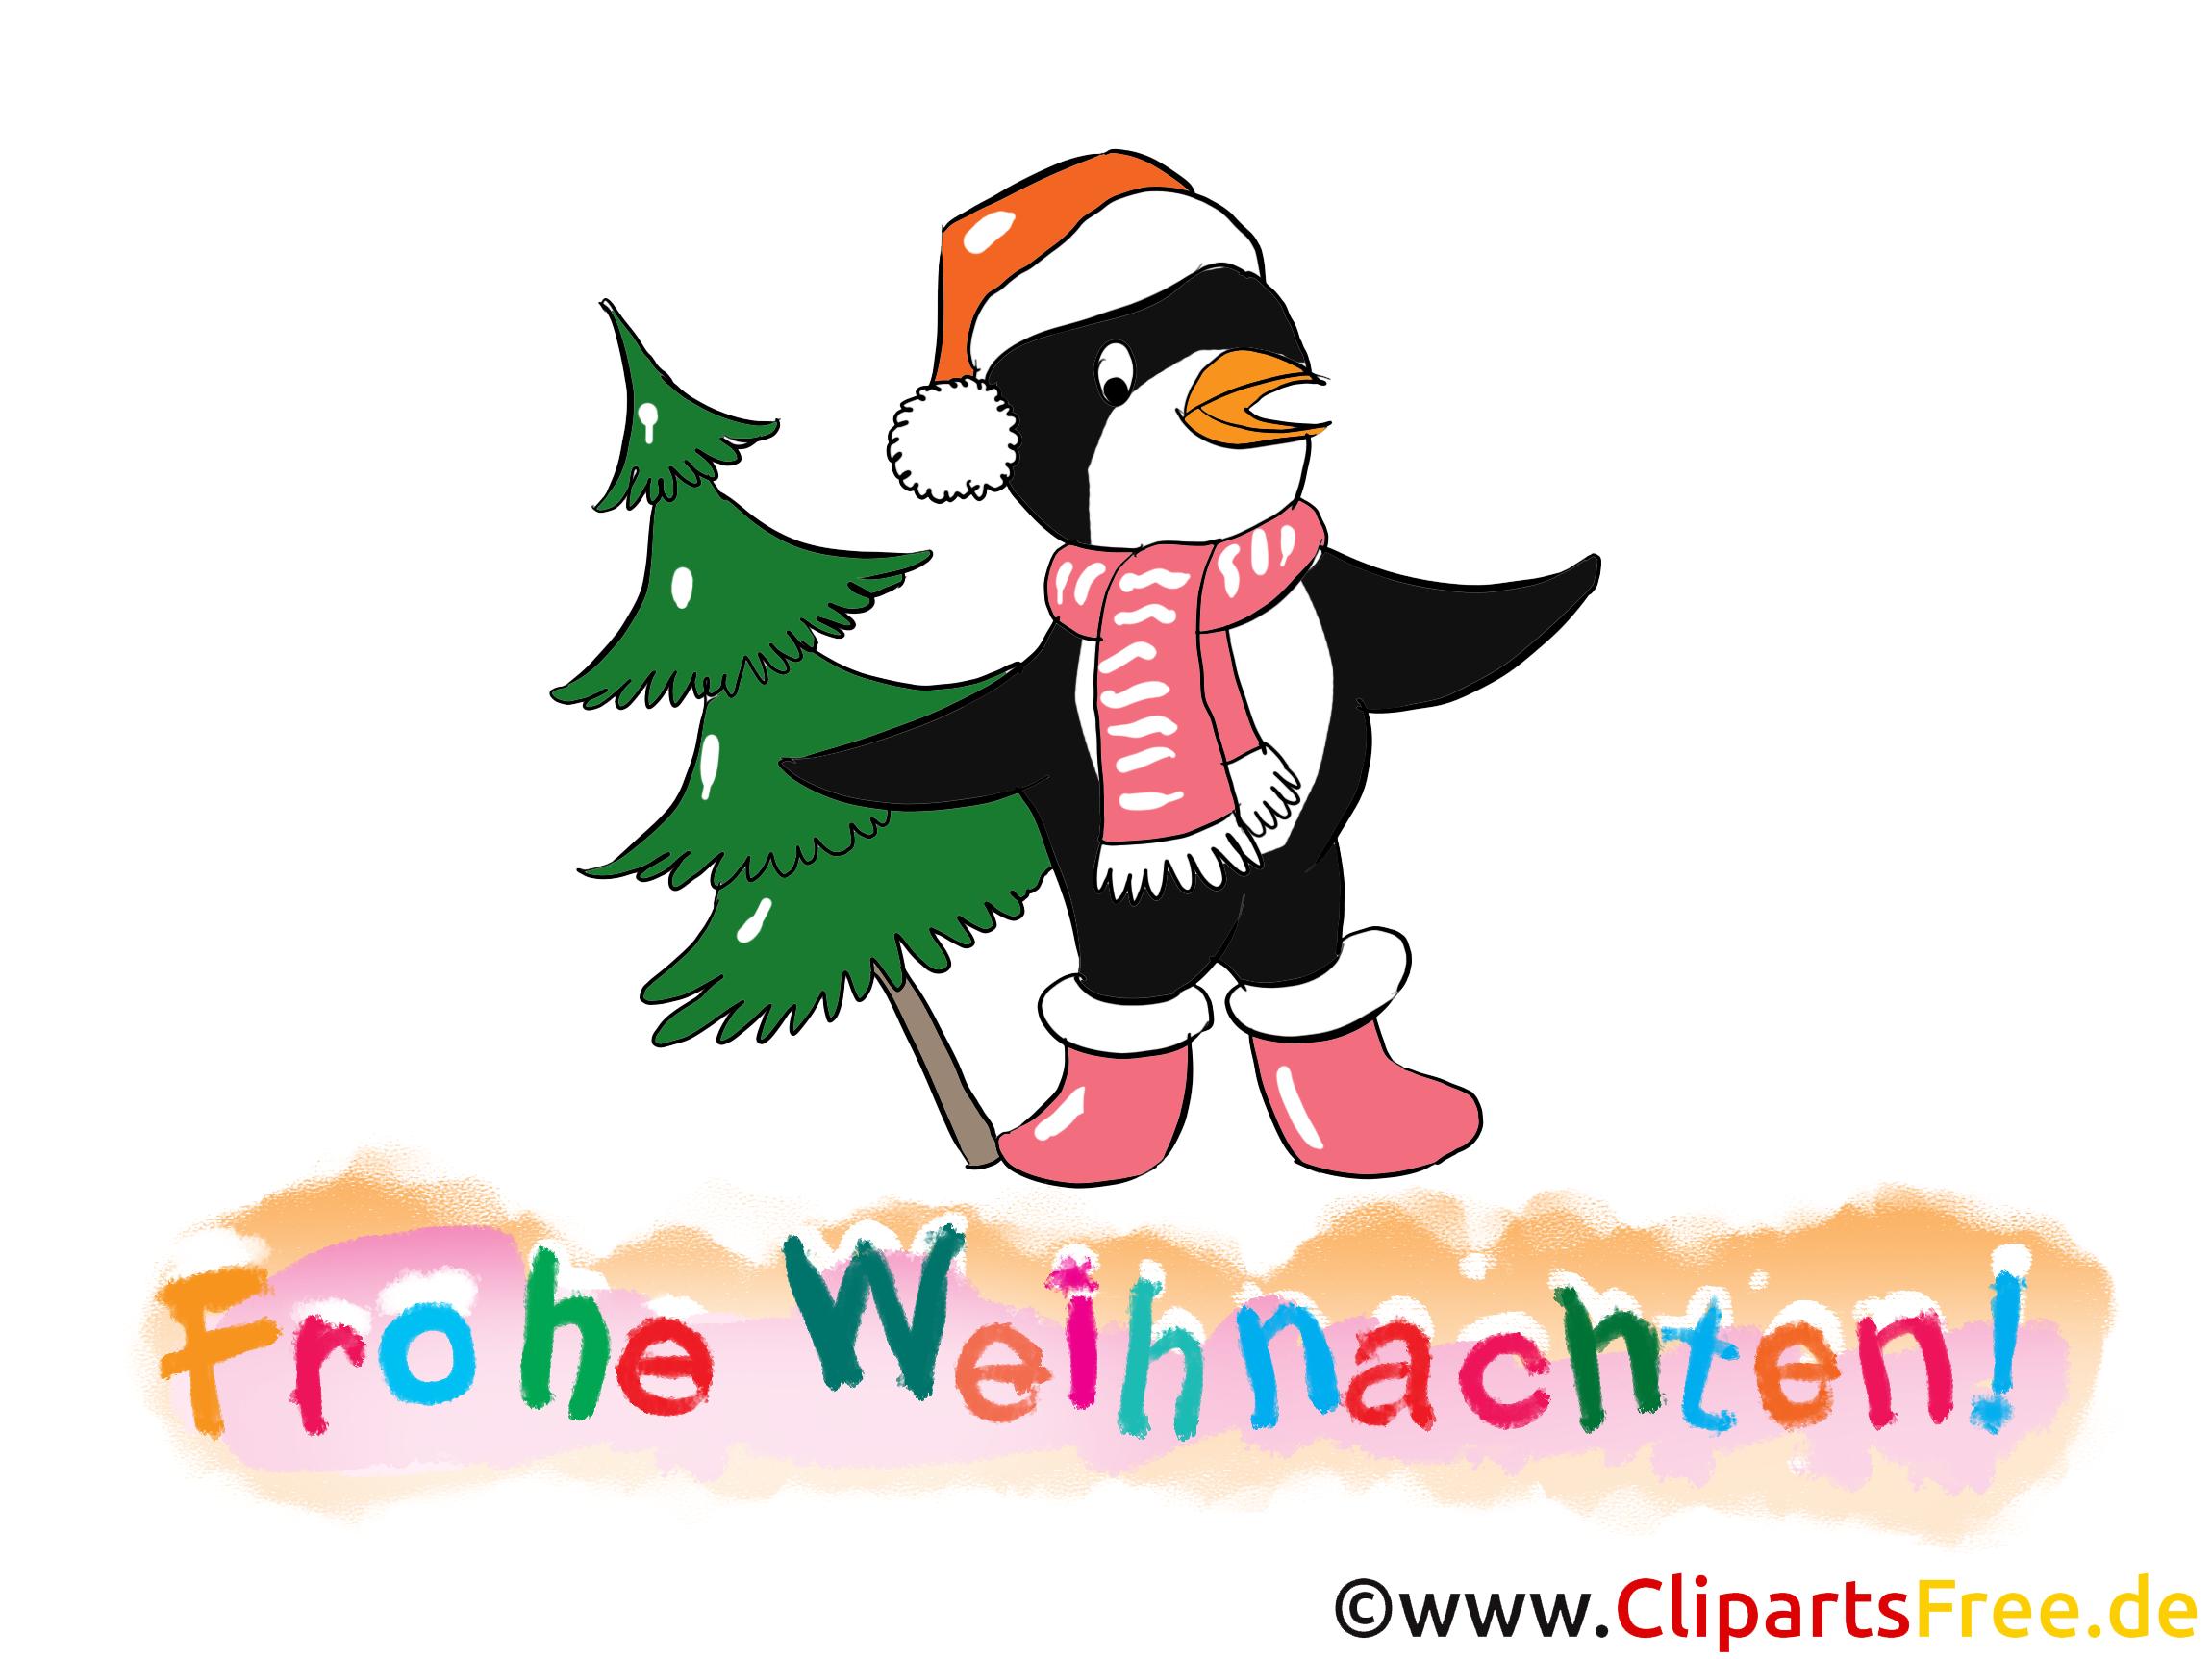 Weihnachtsbilder Kostenlos Download